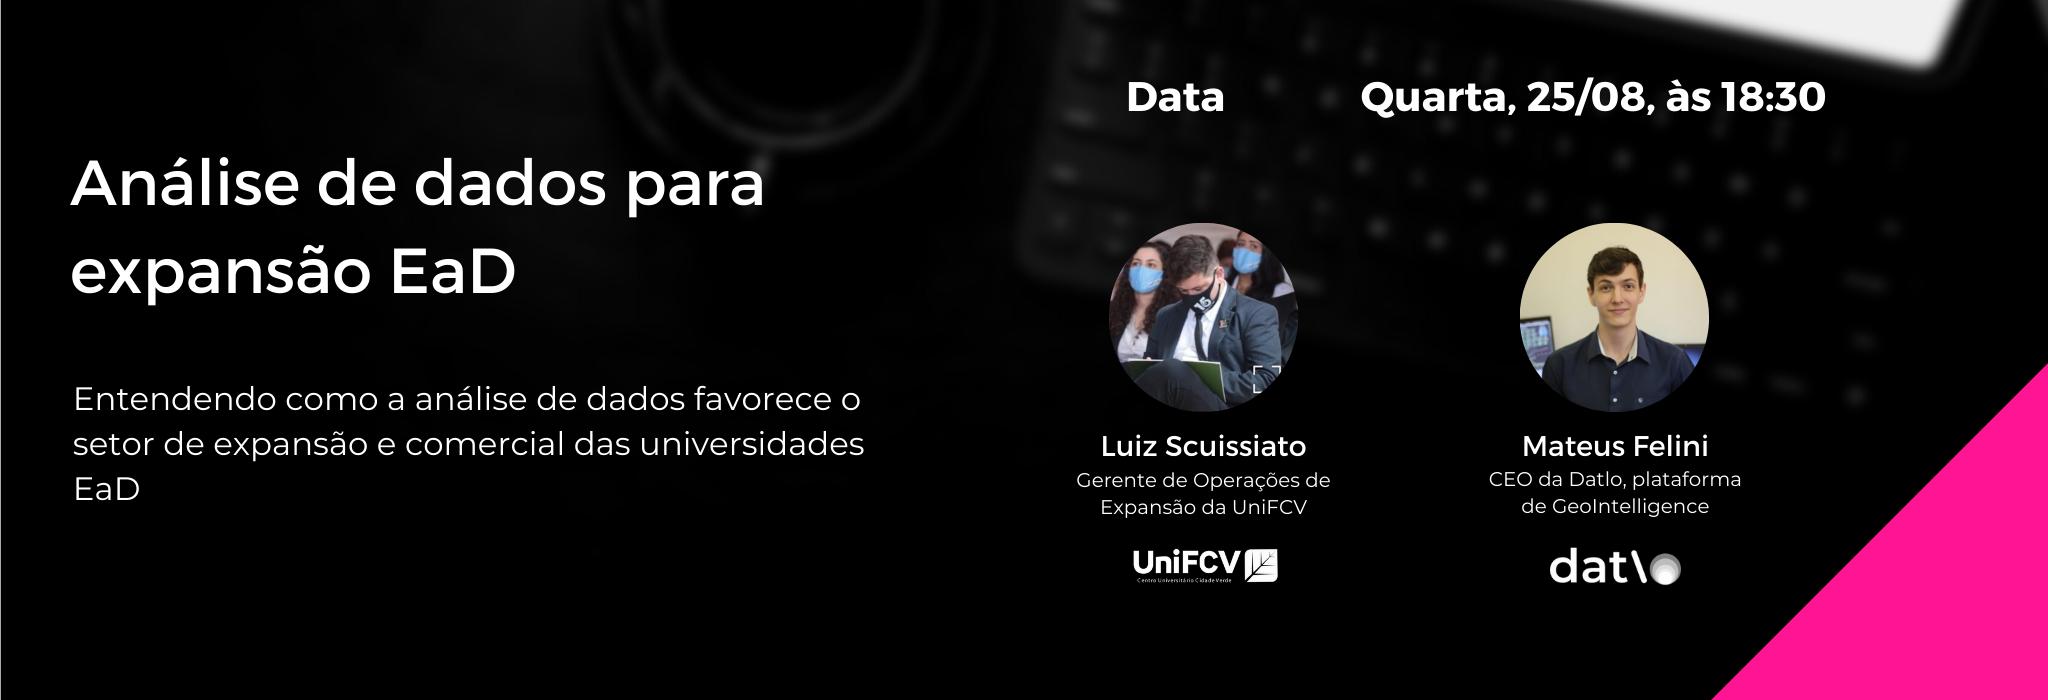 Webinar realizado no dia 25/08 com o Gerente de Operações de Expansão da UniFCV, Luiz Scuissiato